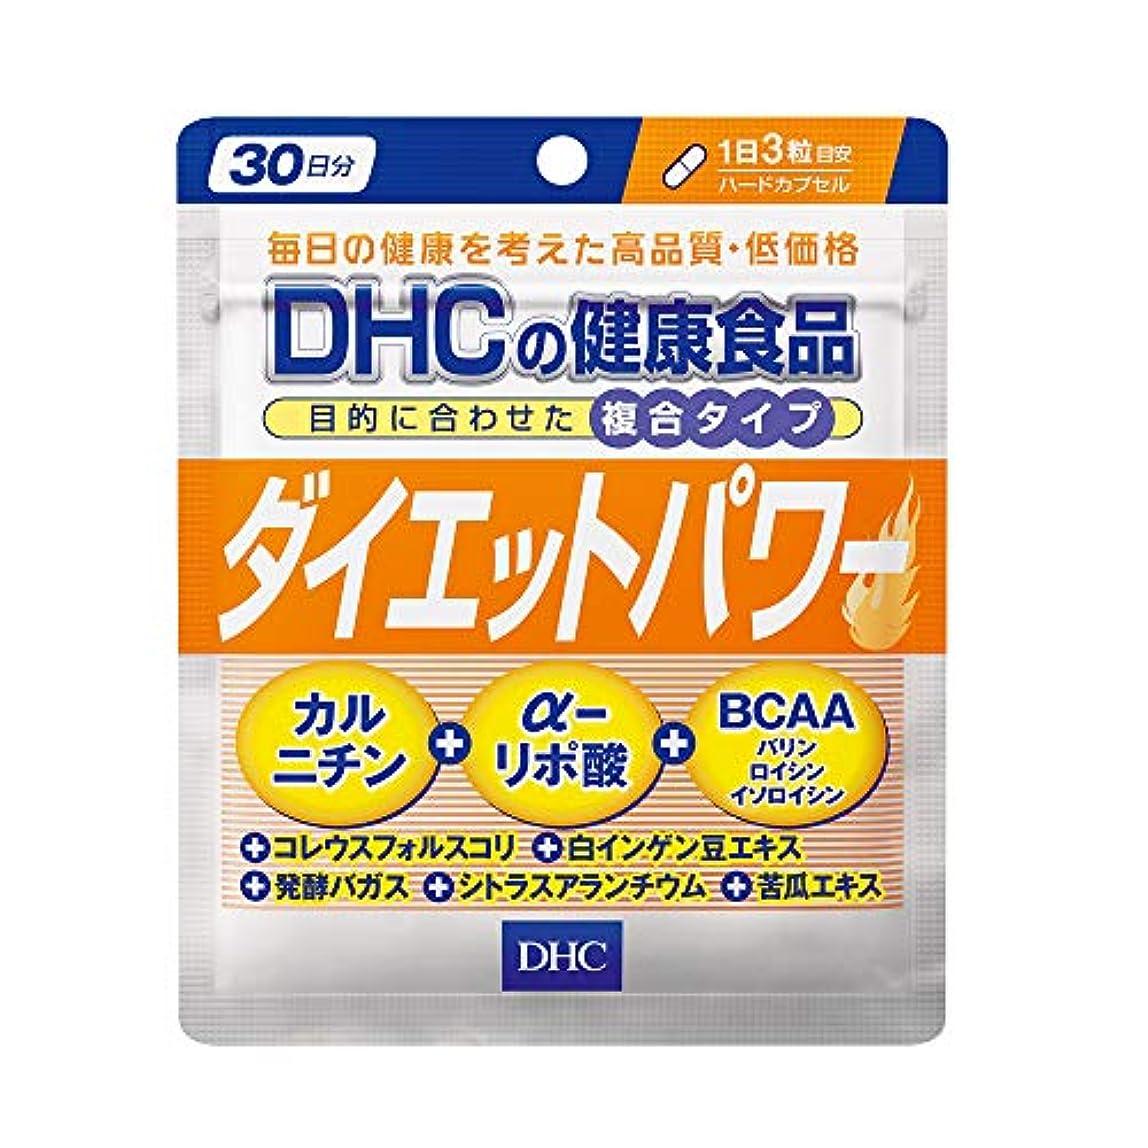 保存順応性のある速度DHC ダイエットパワー 30日分